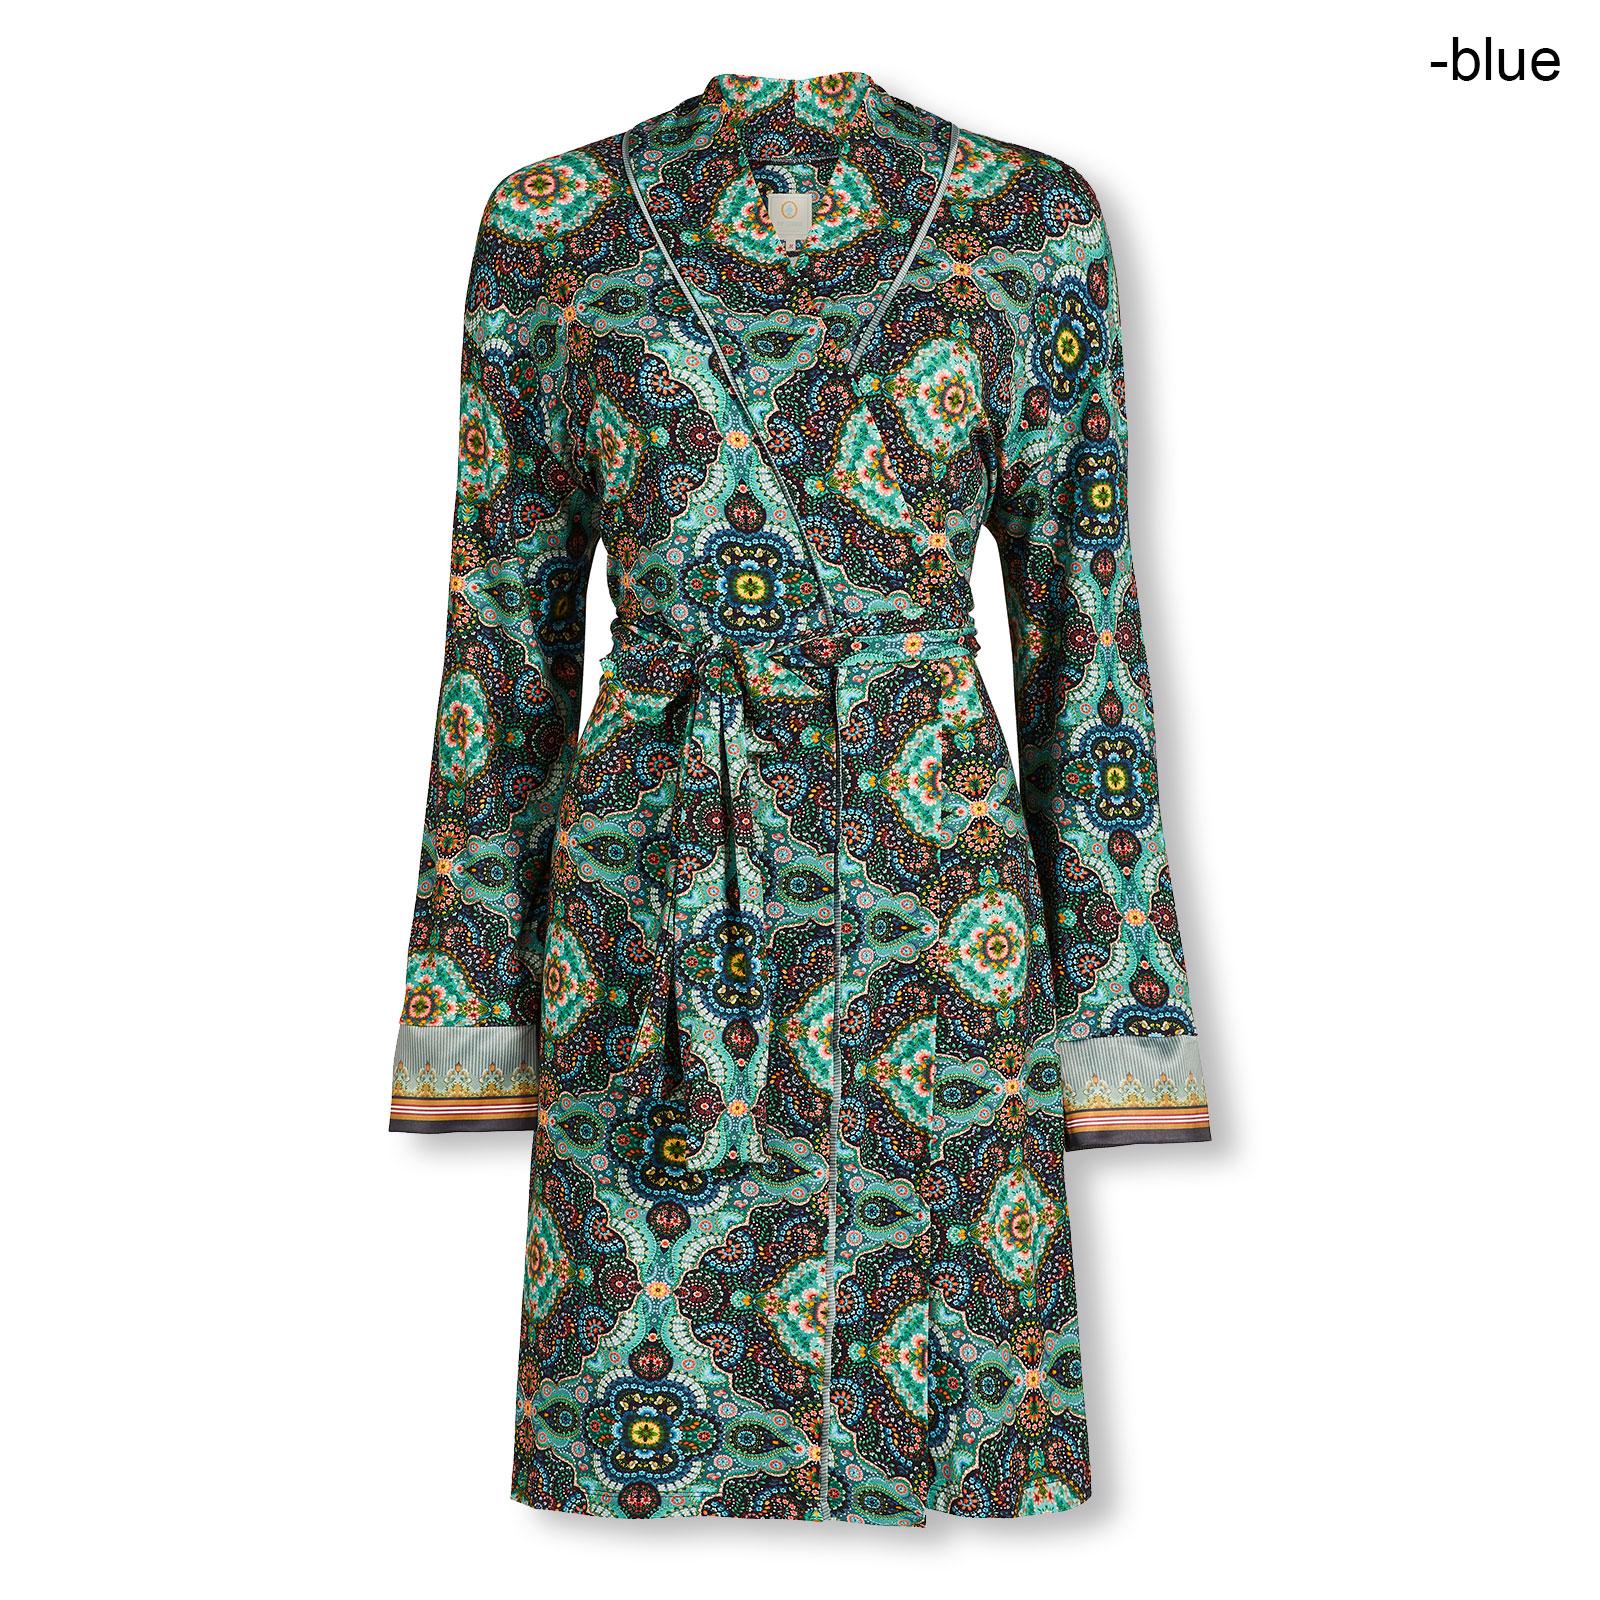 weit verbreitet marktfähig hoch gelobt PiP Studio Kimono Nisha Moon Delight